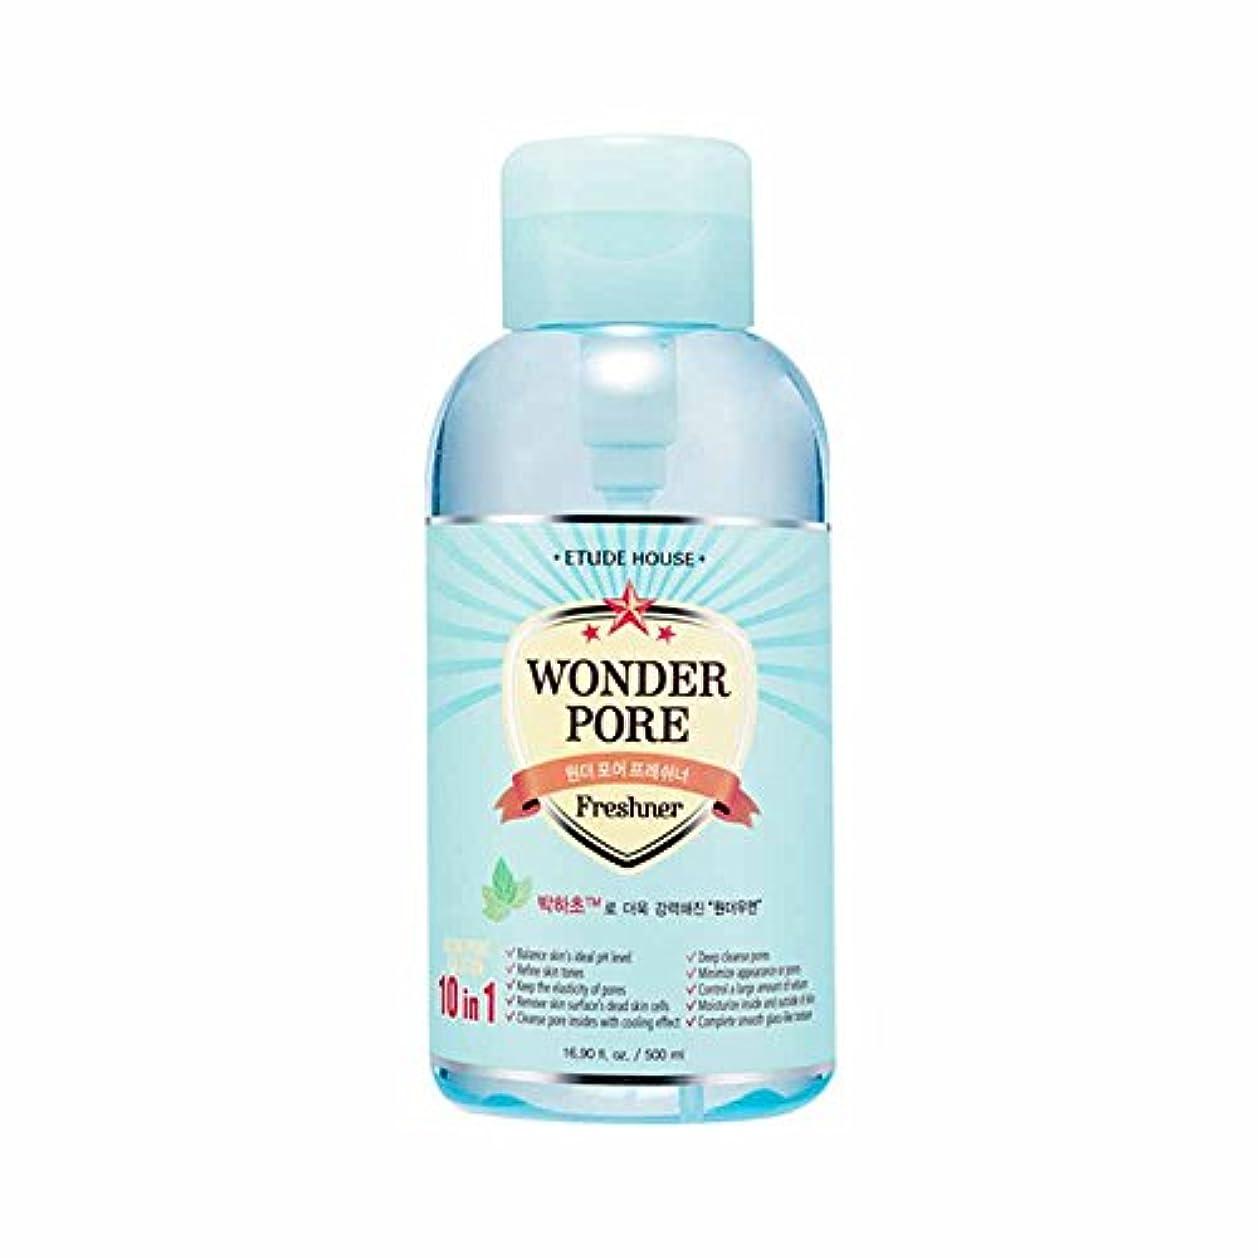 できる店員義務(3 Pack) ETUDE HOUSE Wonder Pore Freshner 10 in 1,500 mL (並行輸入品)